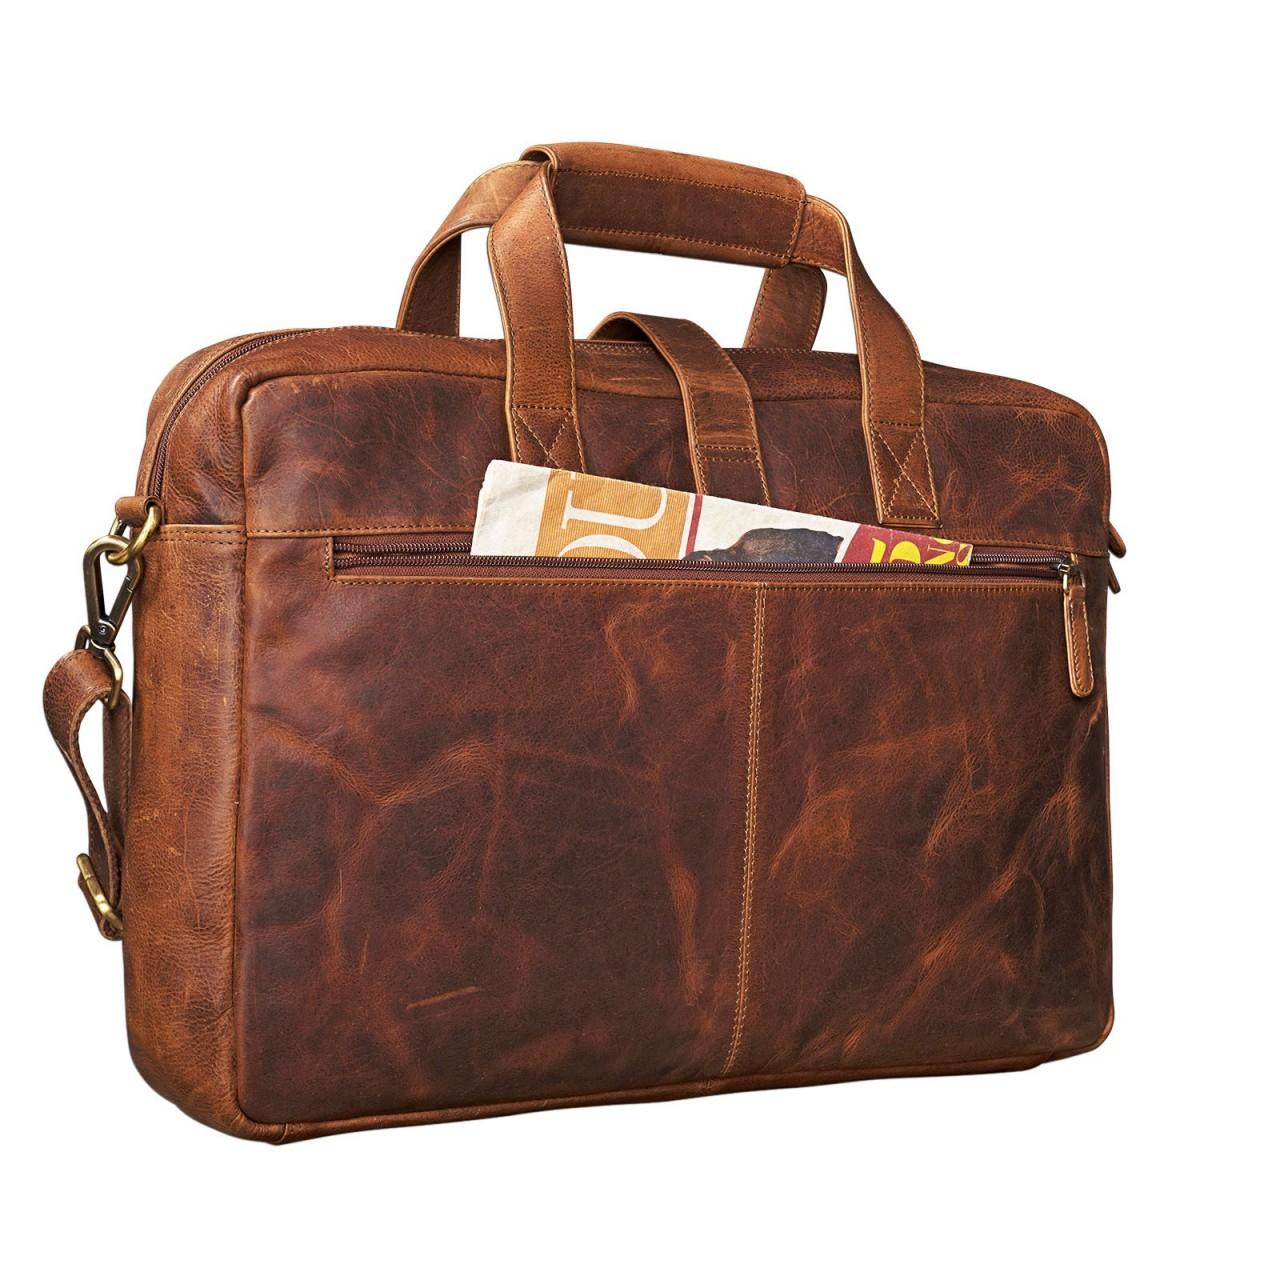 stilord michael lehrertasche leder vintage leder laptoptasche 15 6 zoll gro b ro uni herren. Black Bedroom Furniture Sets. Home Design Ideas